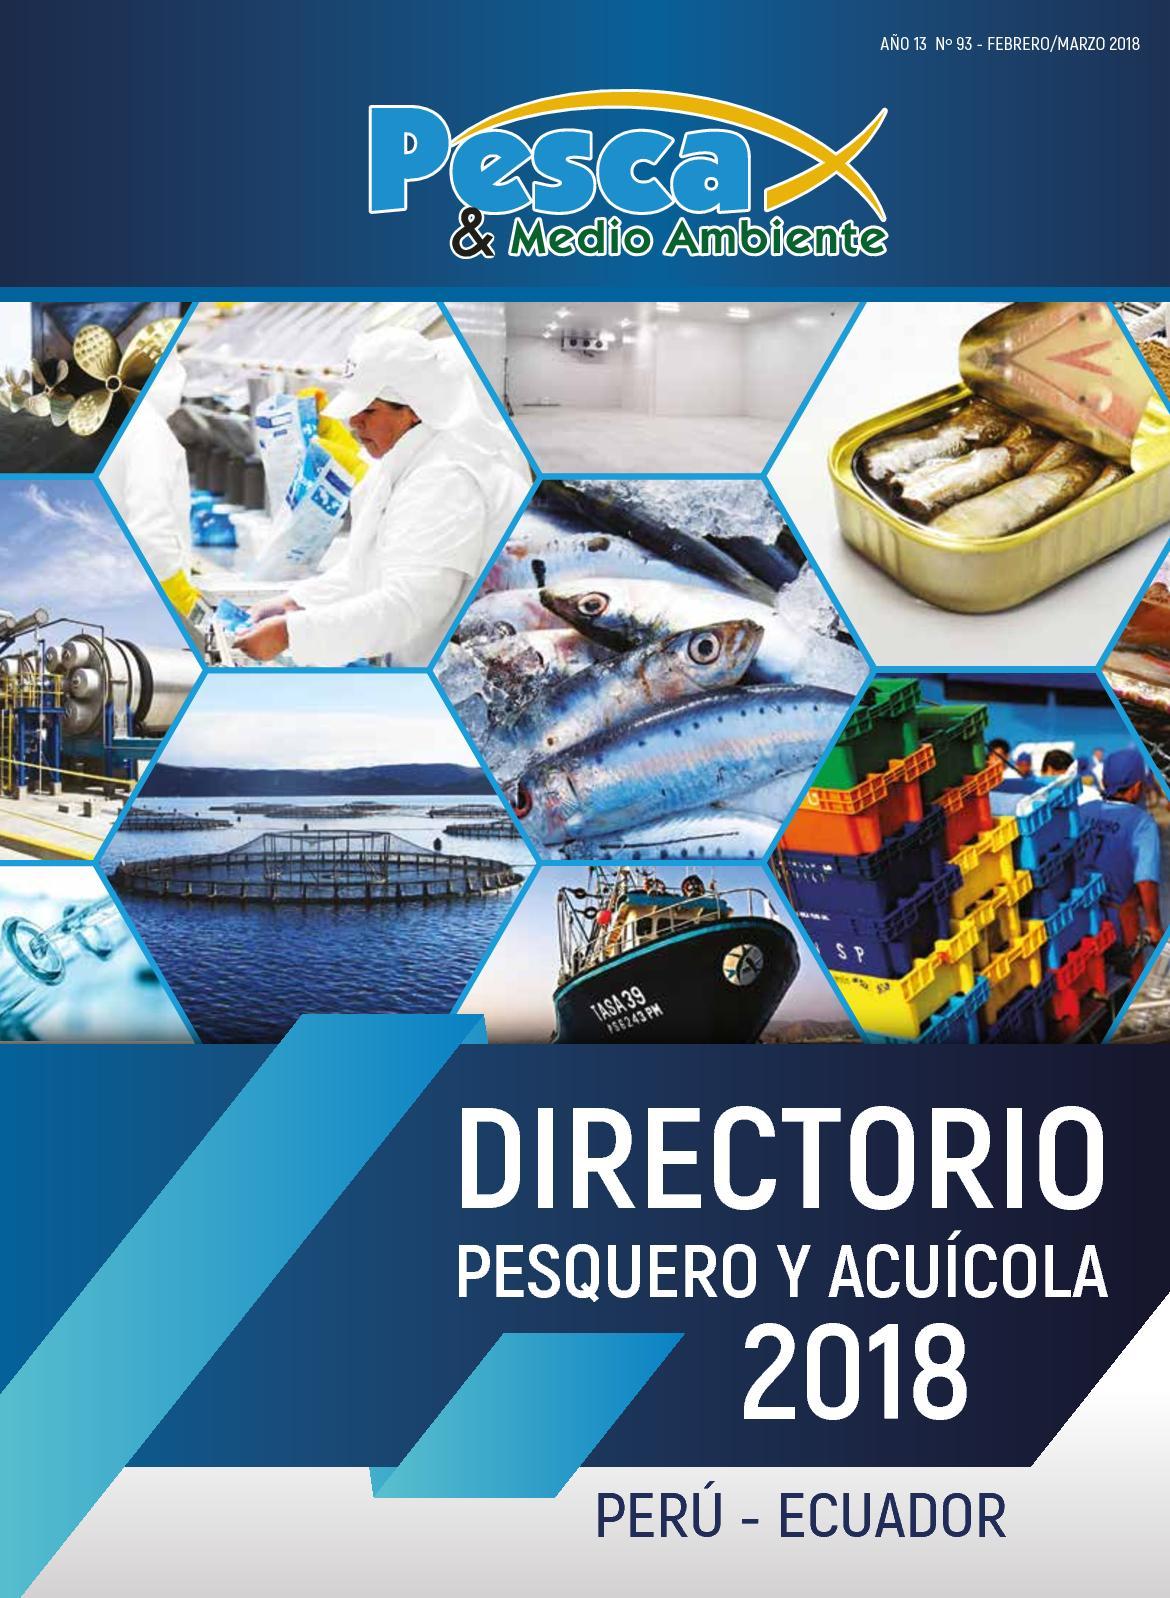 REVISTA PESCA & MEDIO AMBIENTE Nº 93